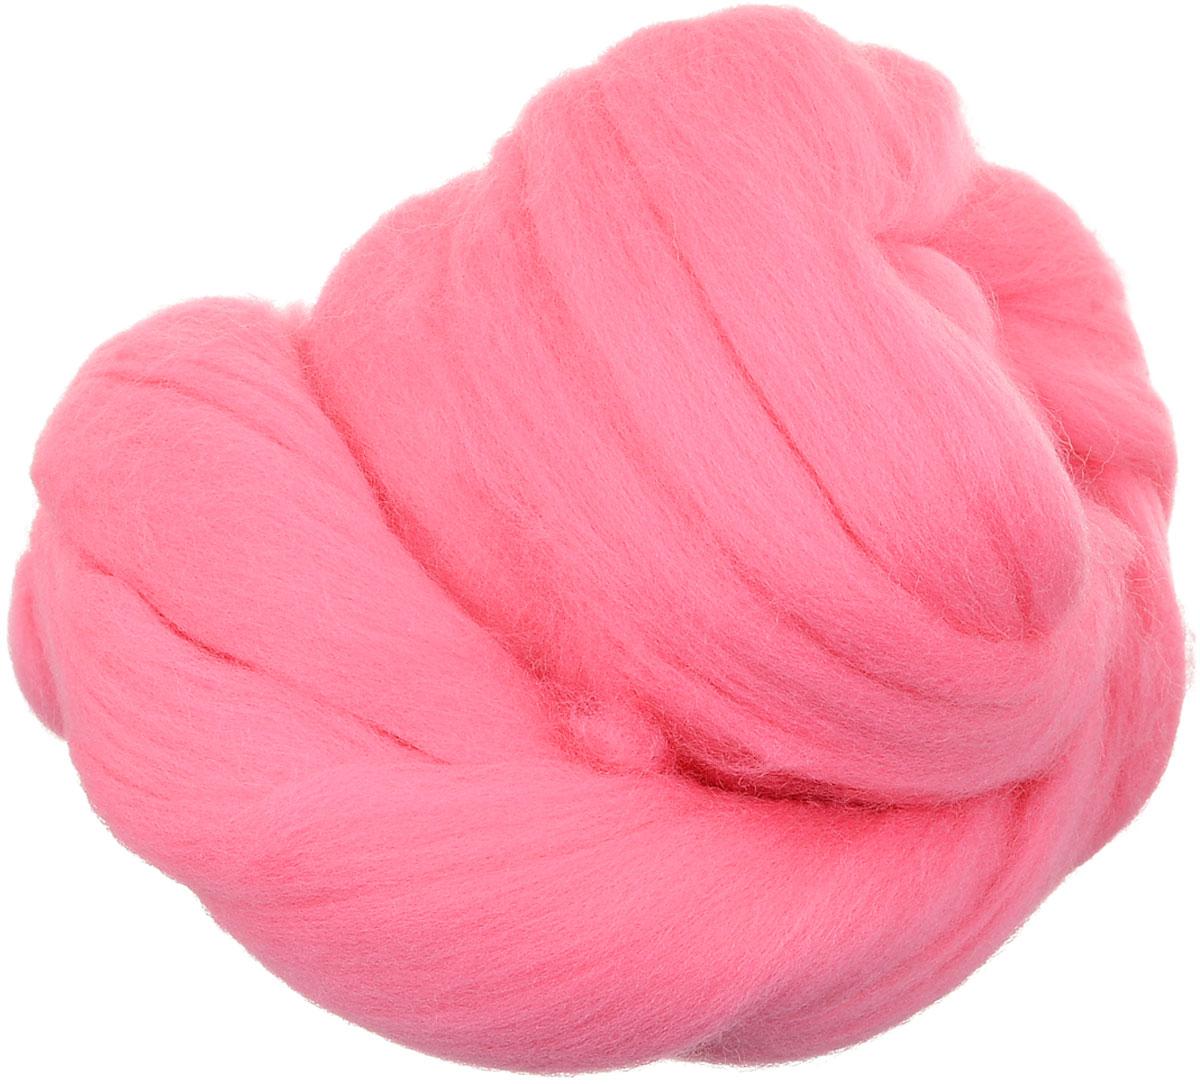 Шерсть для валяния Gamma, цвет: розовый (0160), 50 г шерсть для валяния астра тонкая цвет розовый 0160 100 г